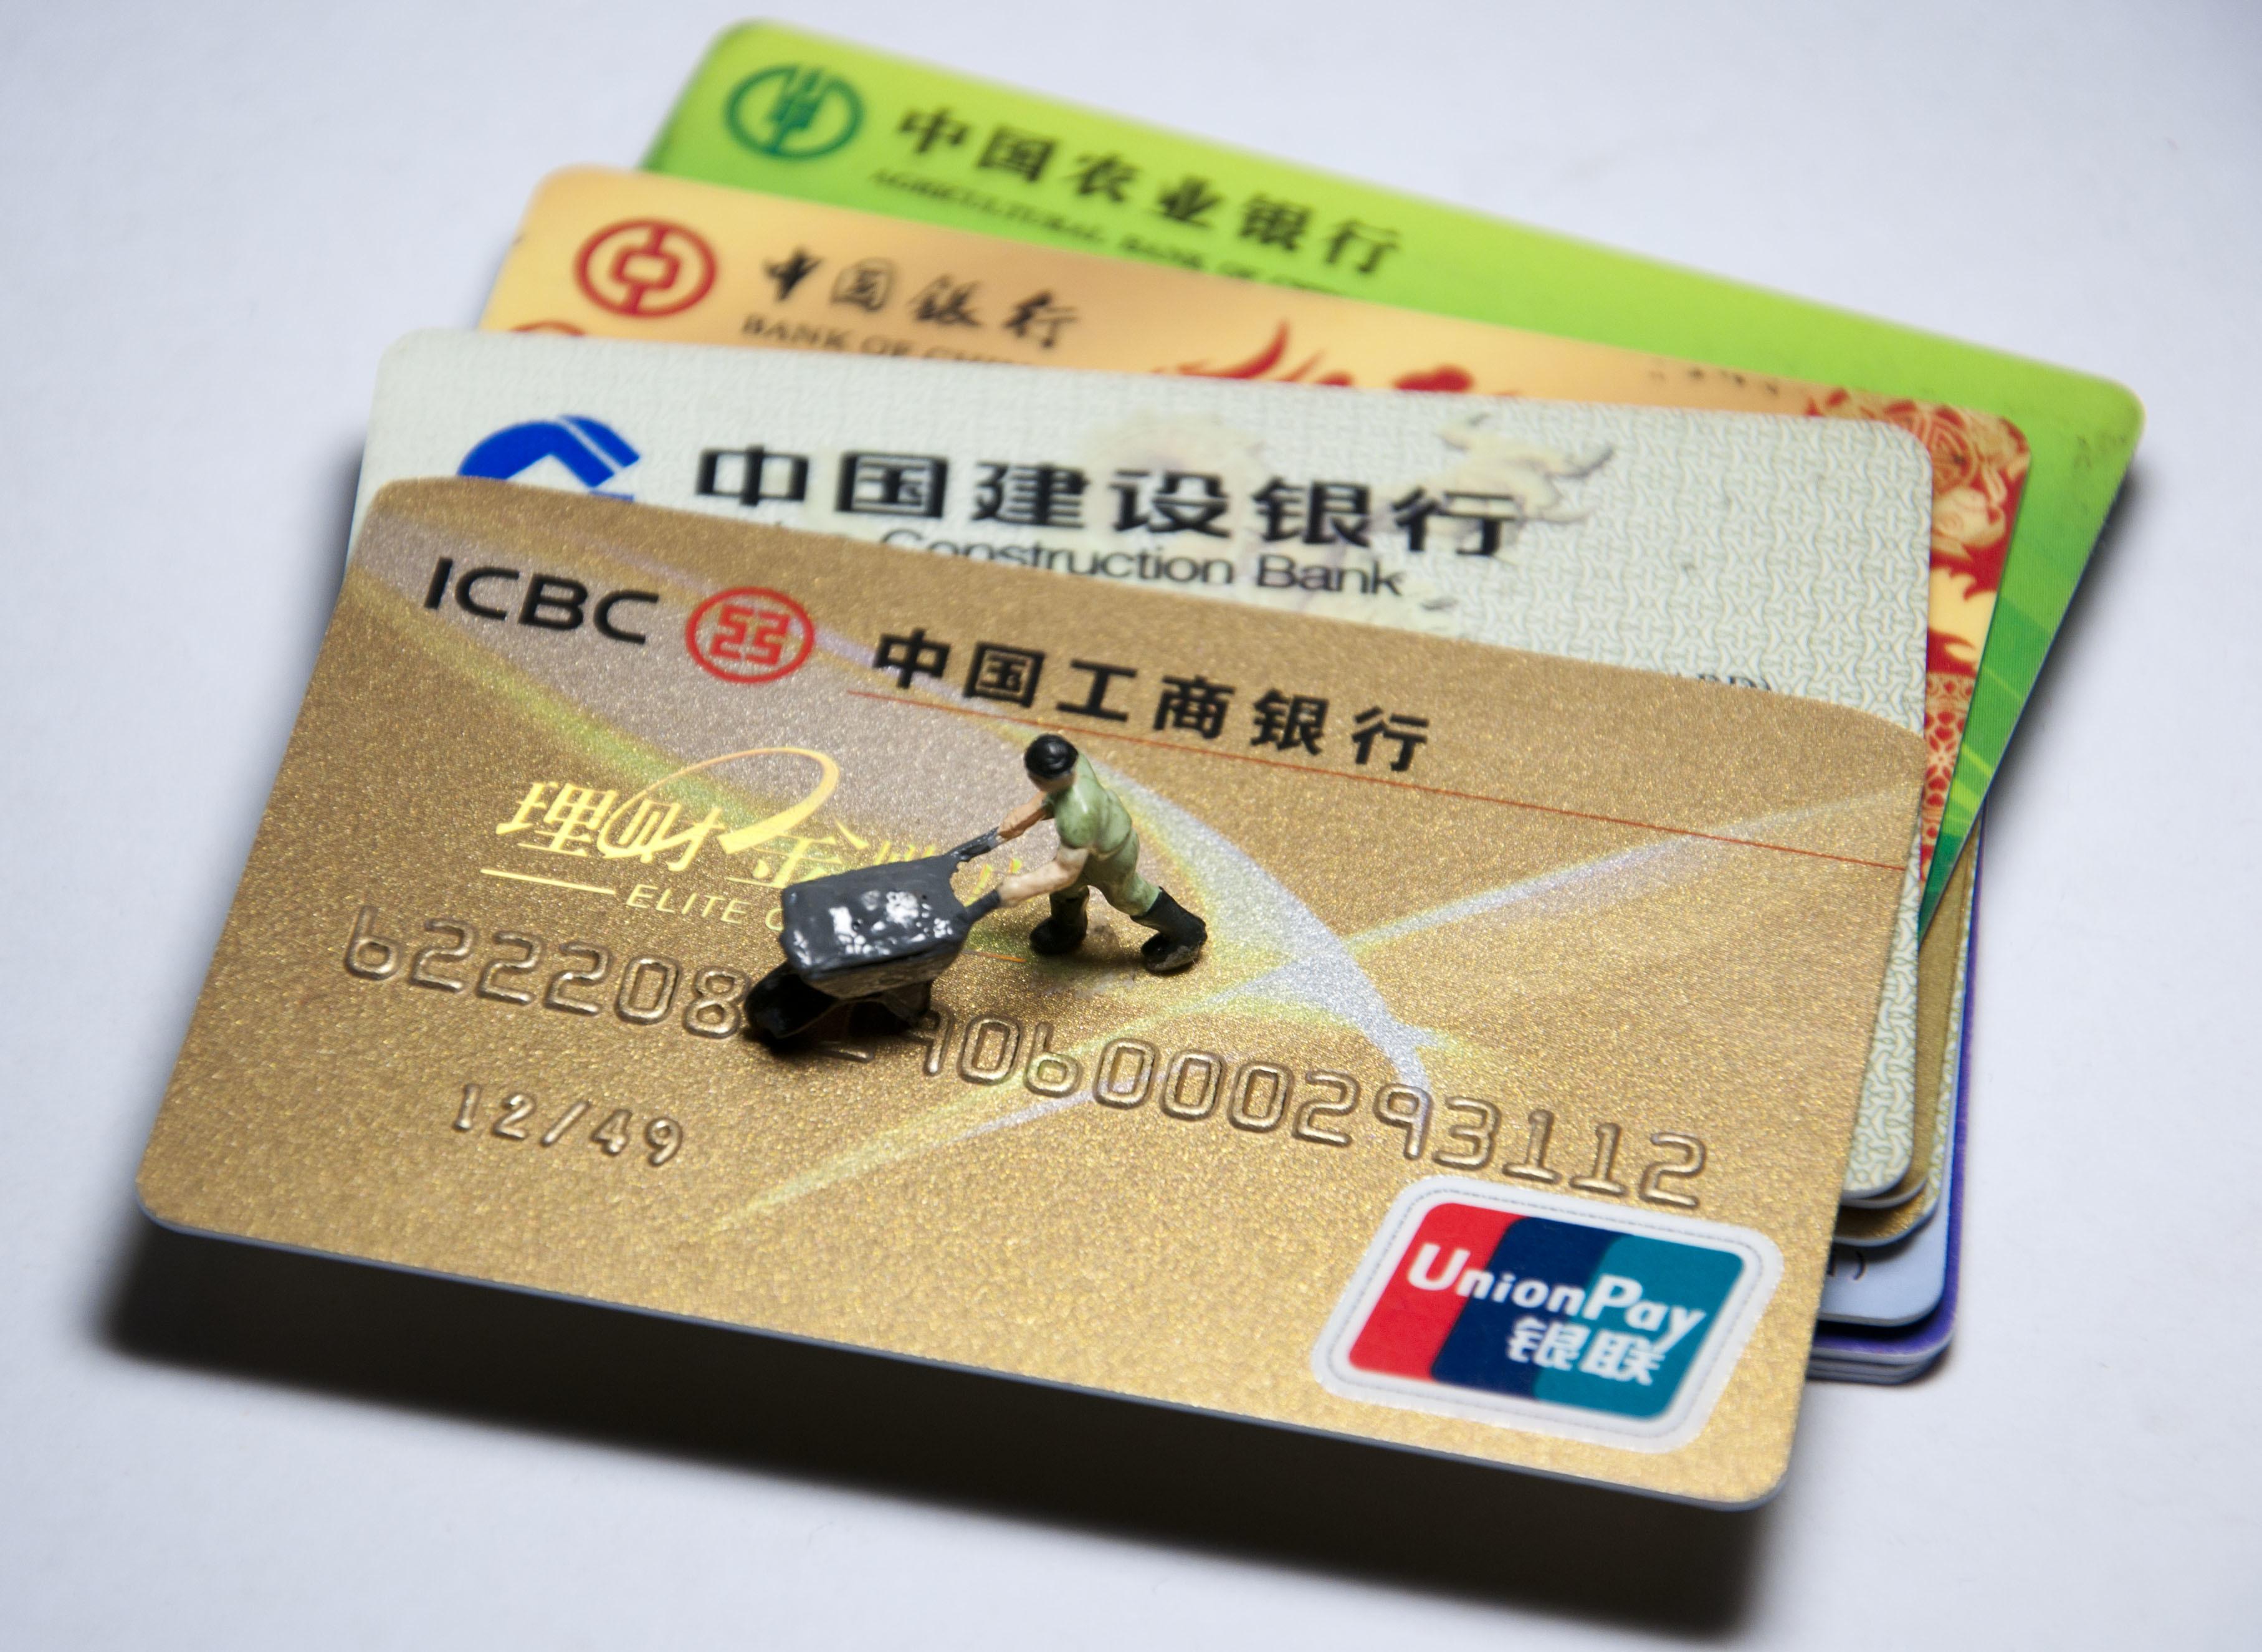 信用卡持卡人的这些刷卡行为是会让银行十分反感!